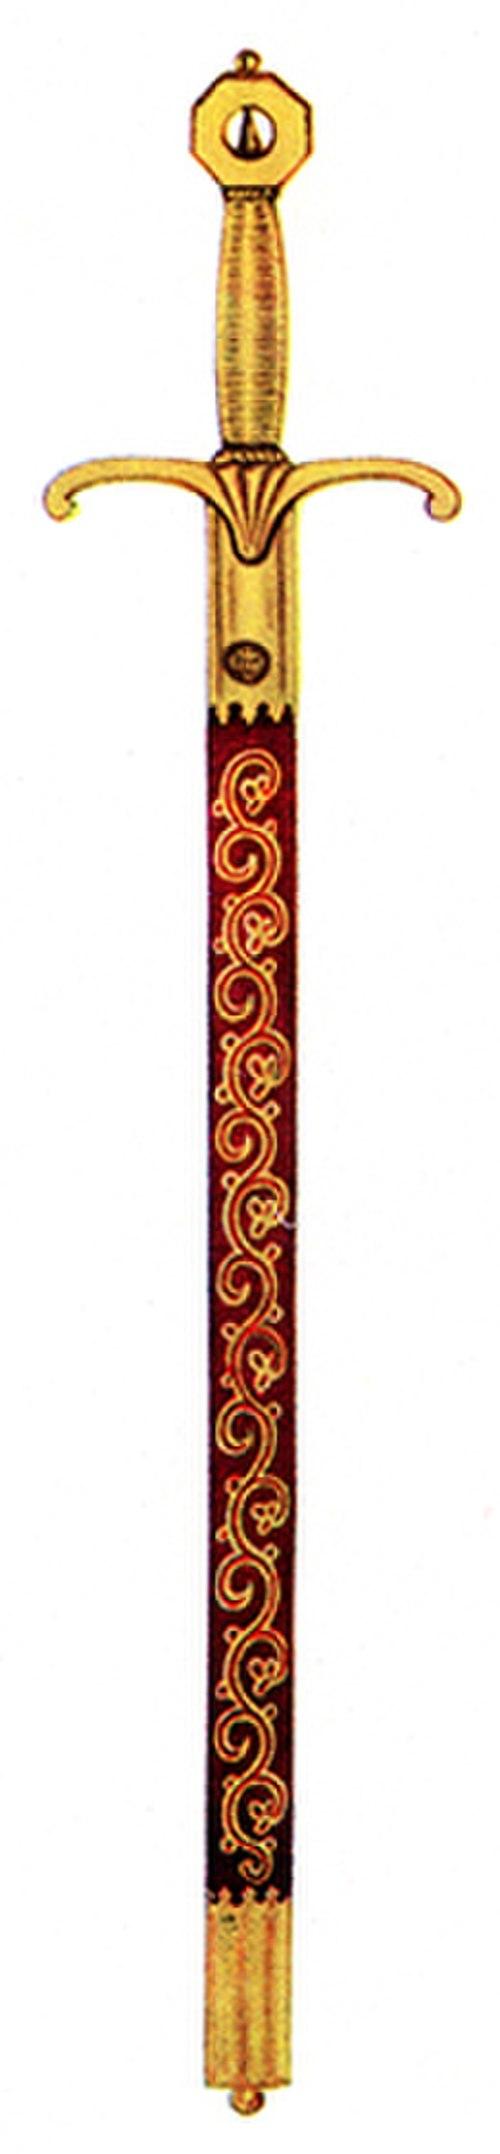 Curtana